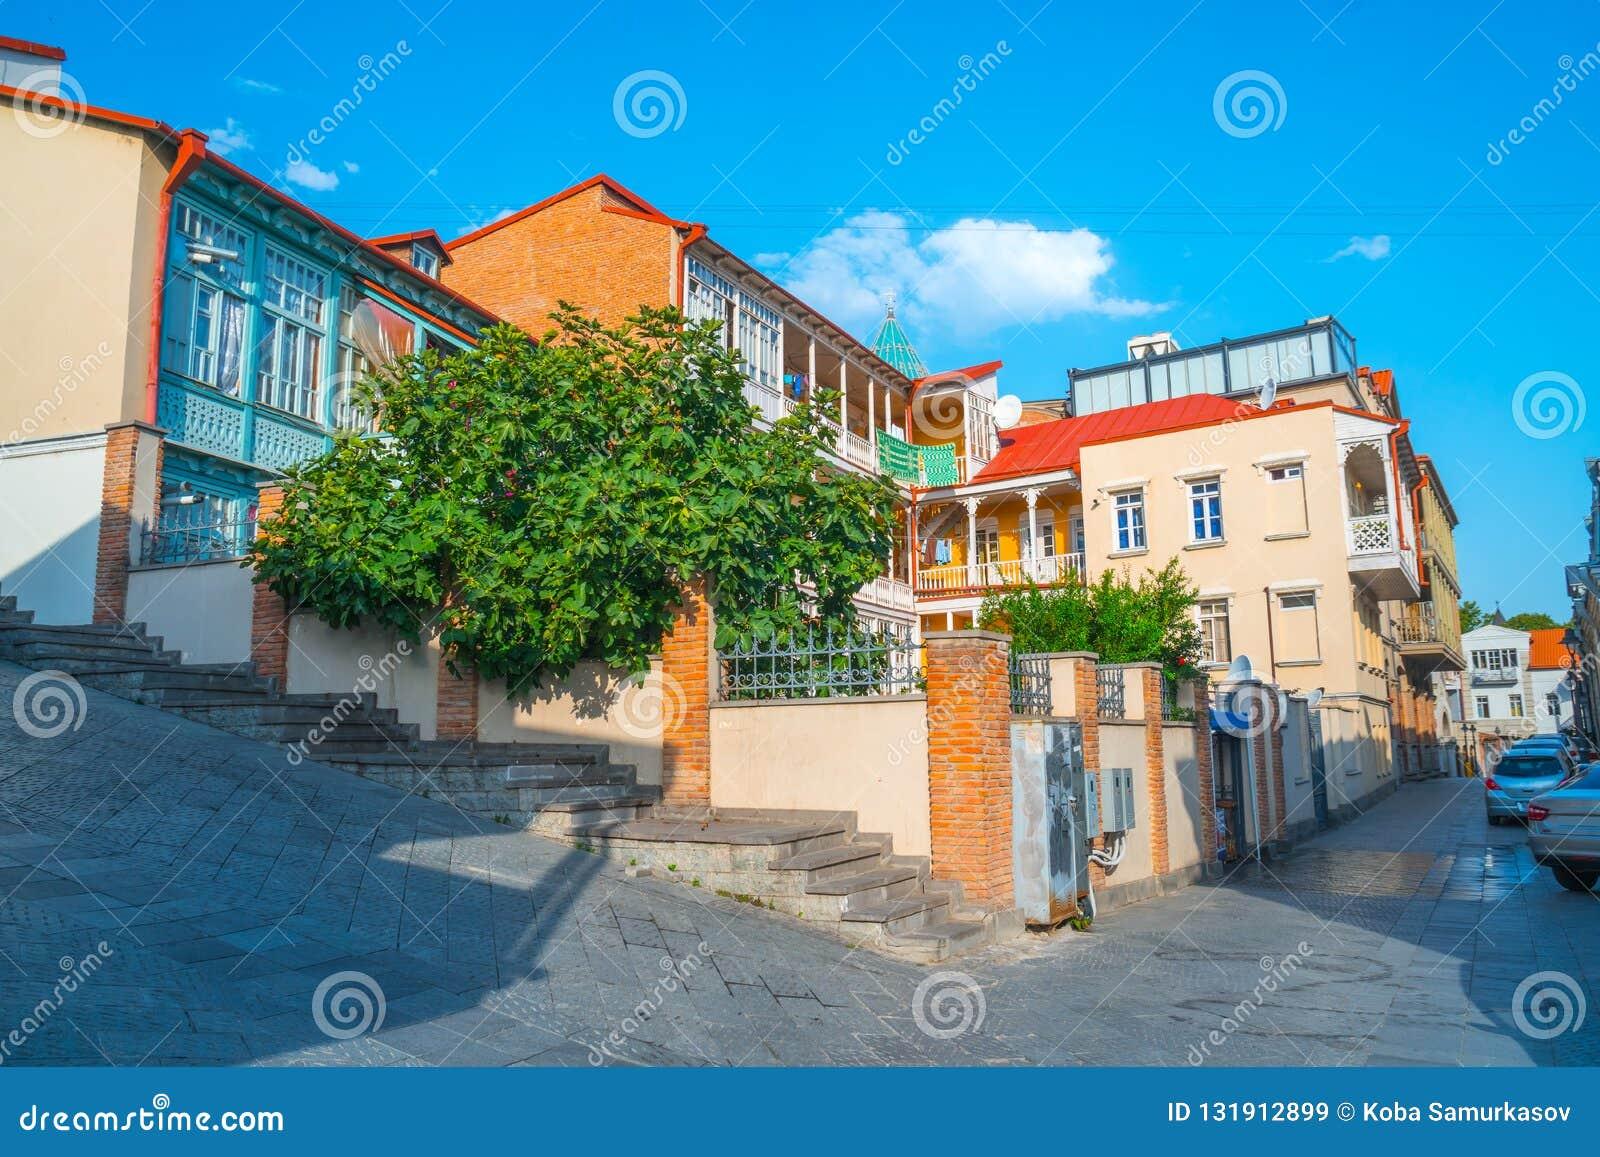 Fassade des traditionellen Hauses in der alten Stadt Tiflis, Georgia